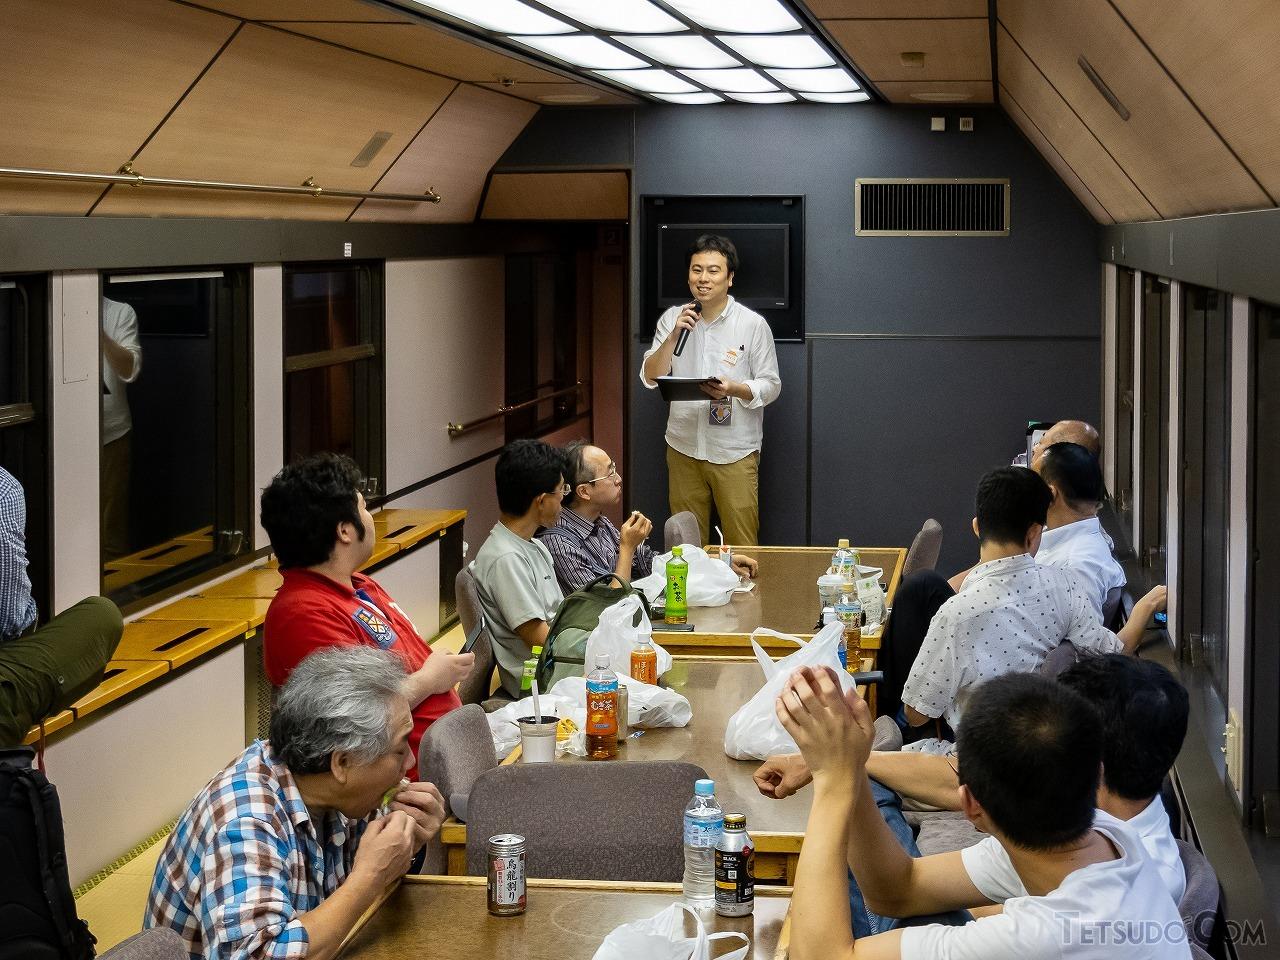 松岡編集長による鉄道コム20周年記念ツアー参加者限定の車内イベントがスタート。「折角参加してくださった方々に仲良くなってほしい」と知恵を絞ったそう